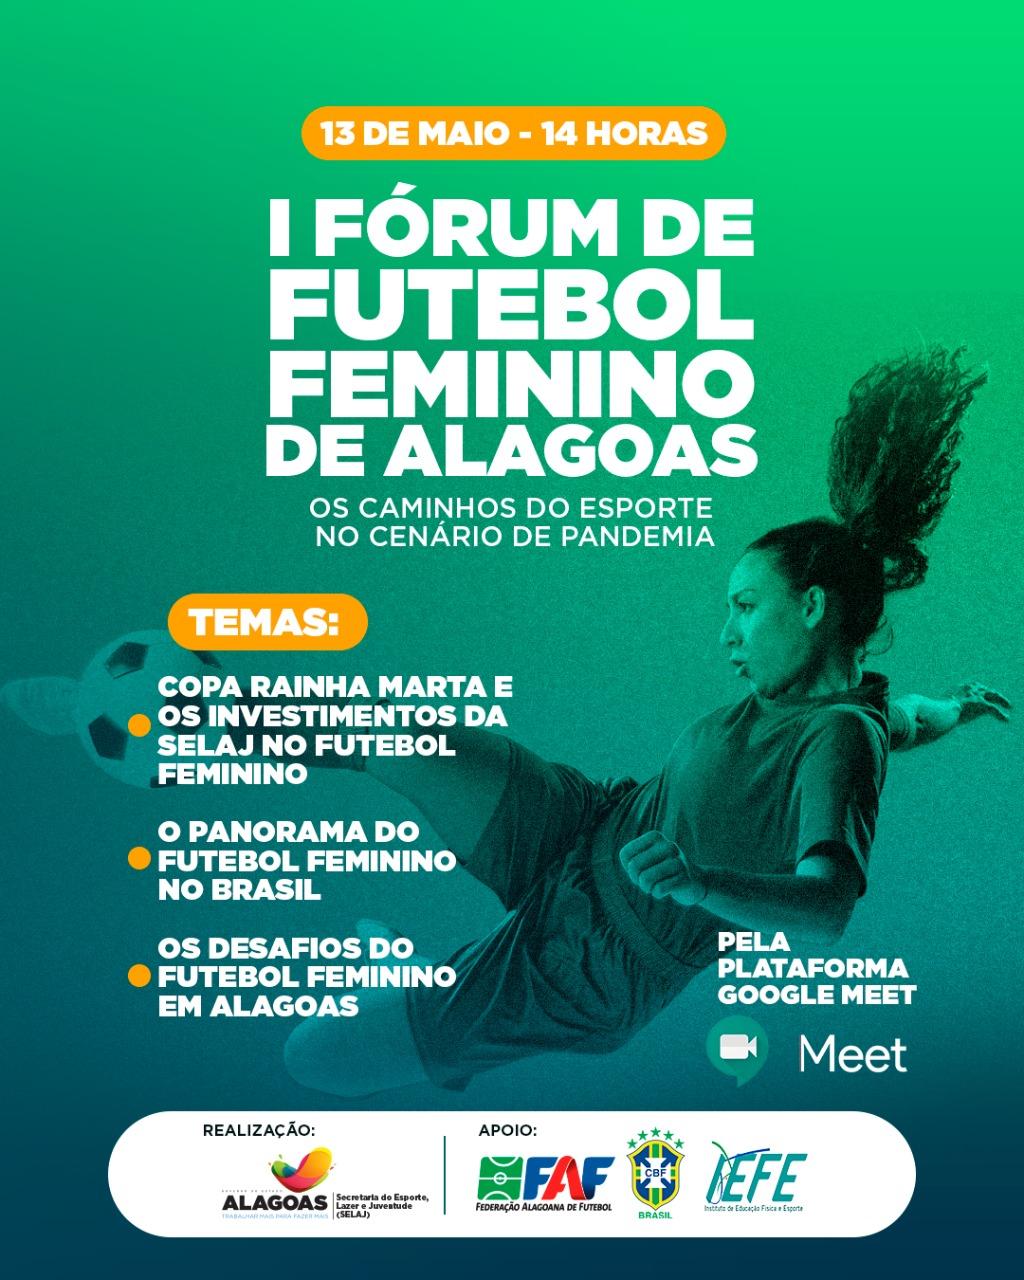 I Fórum de Futebol Feminino